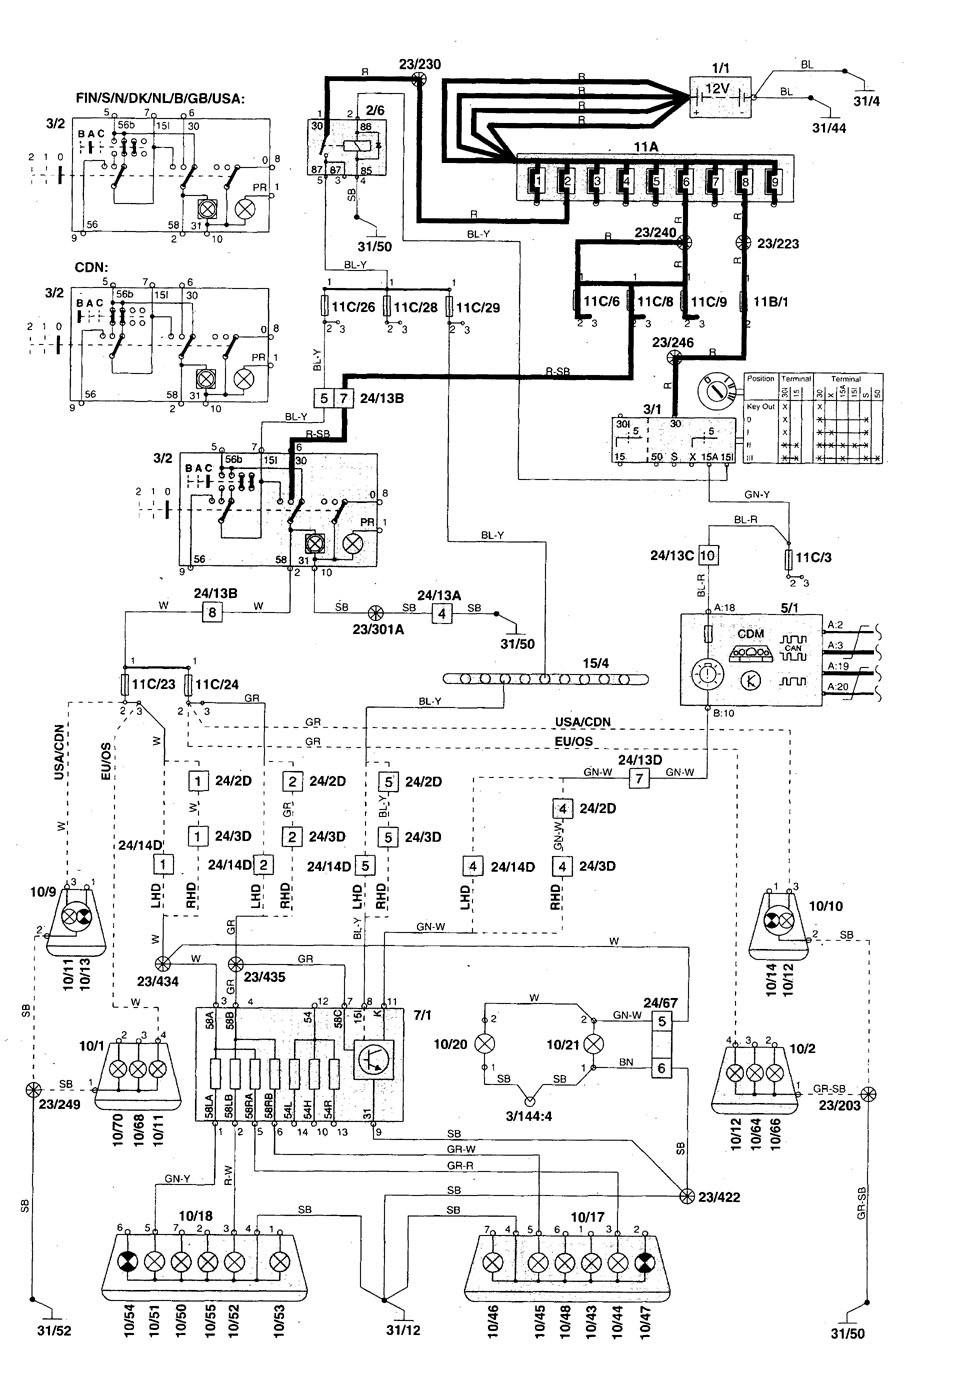 parking circuit wiring diagram volvo c70  1998 2004  wiring diagrams parking lamp  volvo c70  1998 2004  wiring